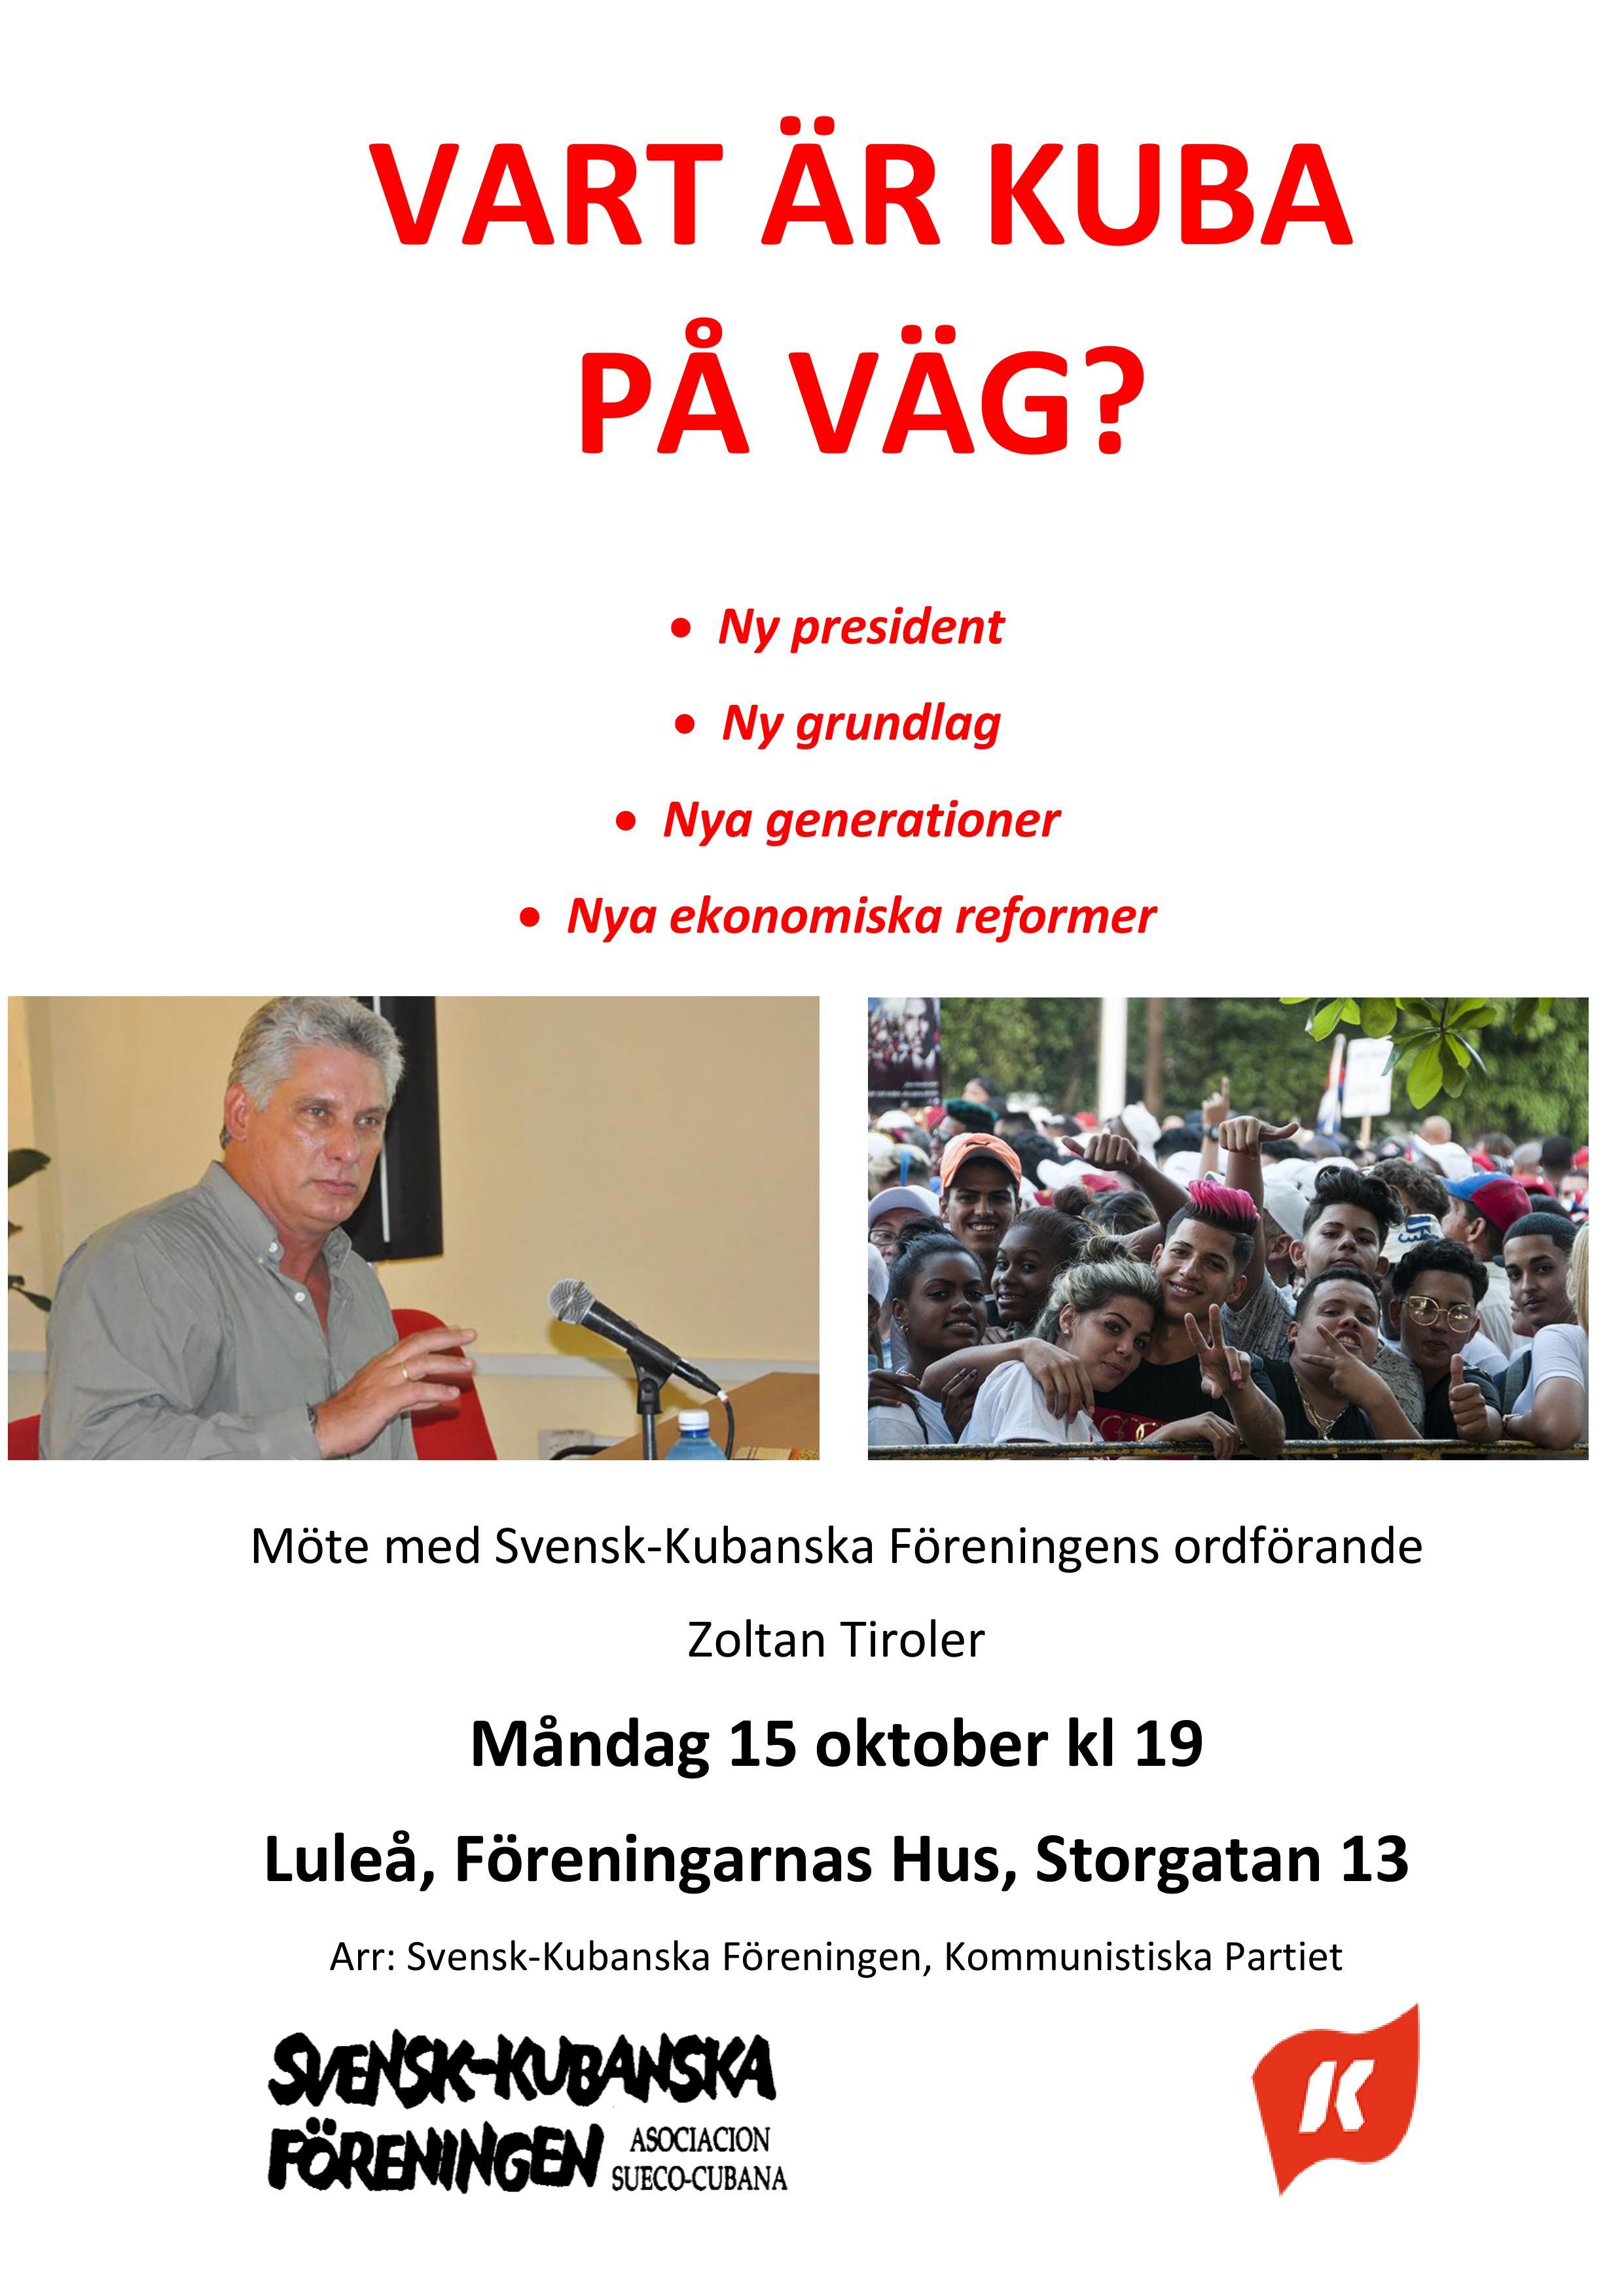 Luleå_VartGårKuba